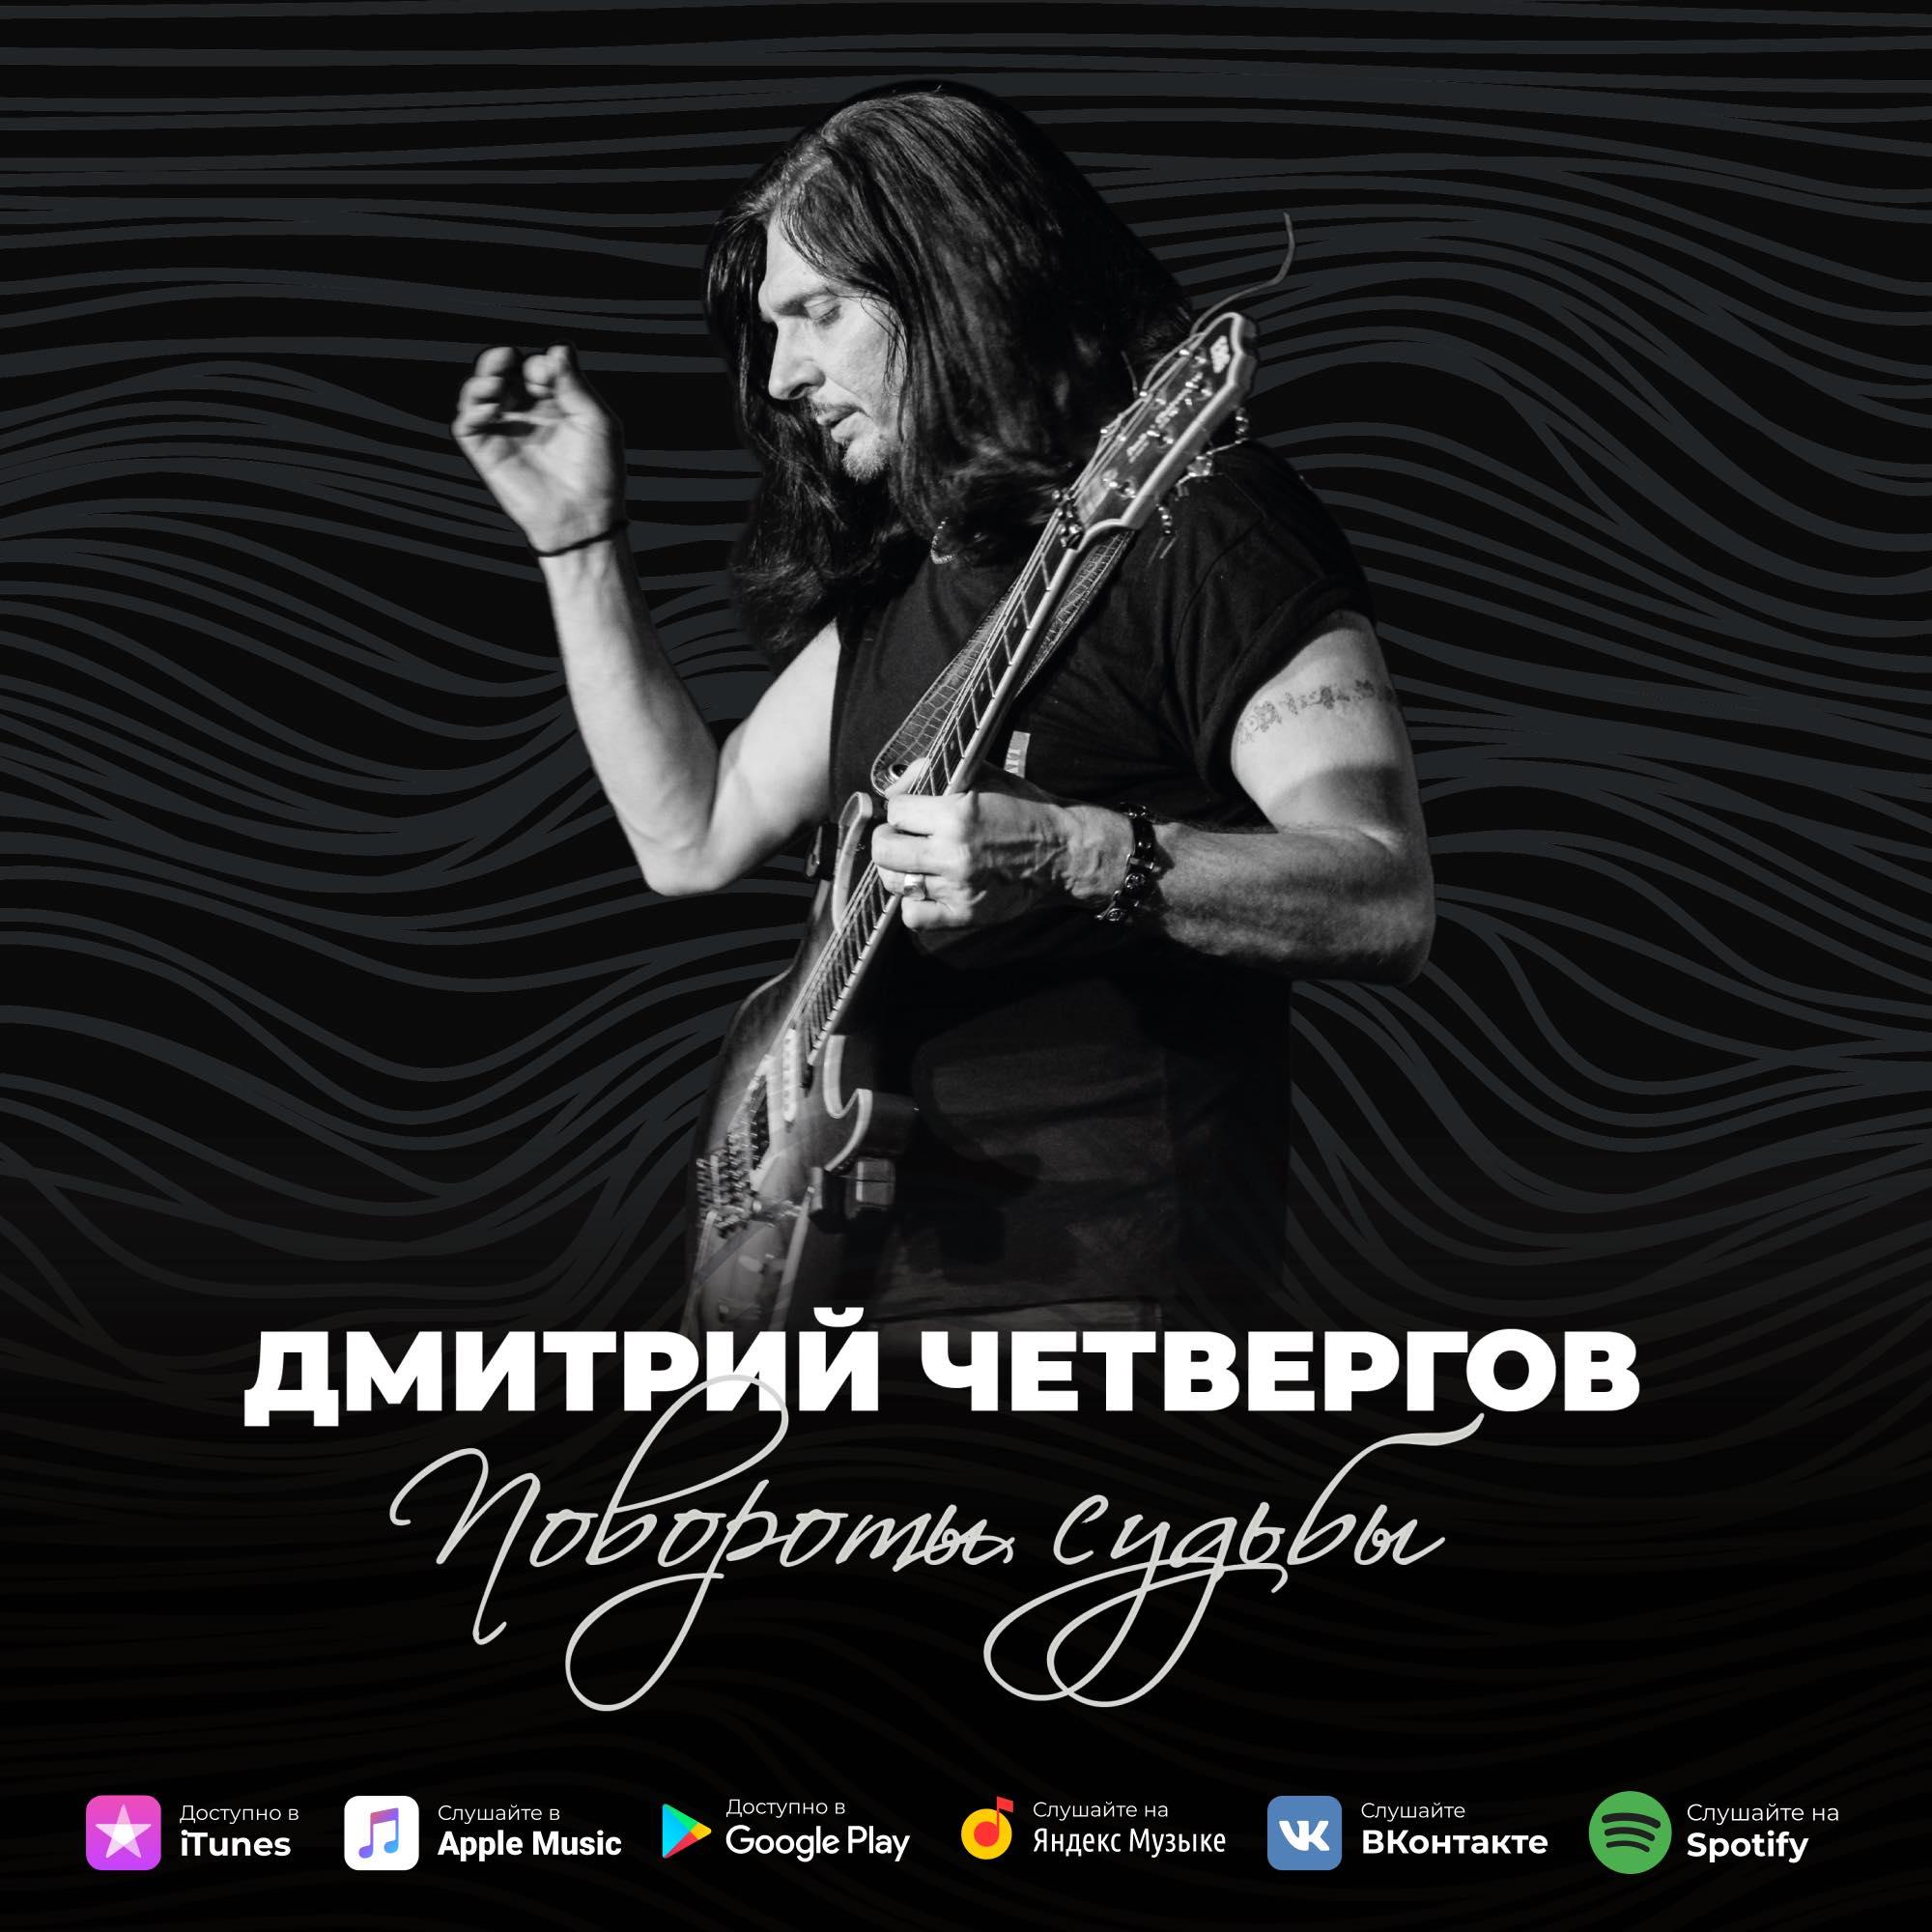 Дмитрий Четвергов Повороты судьбы